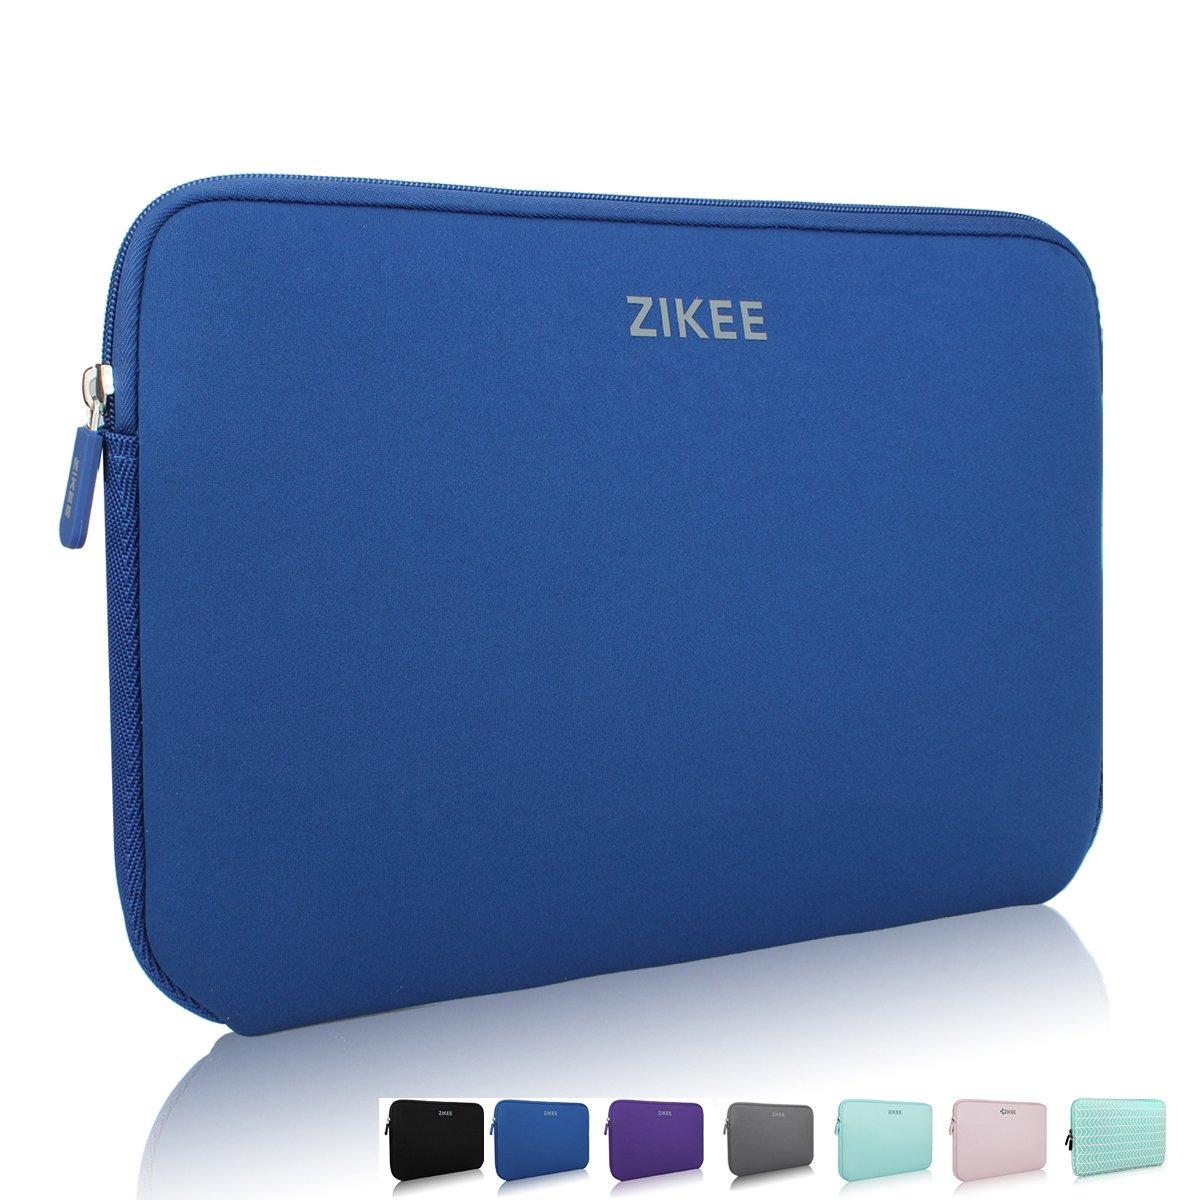 zikee housse ordinateur portable 15 15 6 pouces pc portable pochette ebay. Black Bedroom Furniture Sets. Home Design Ideas